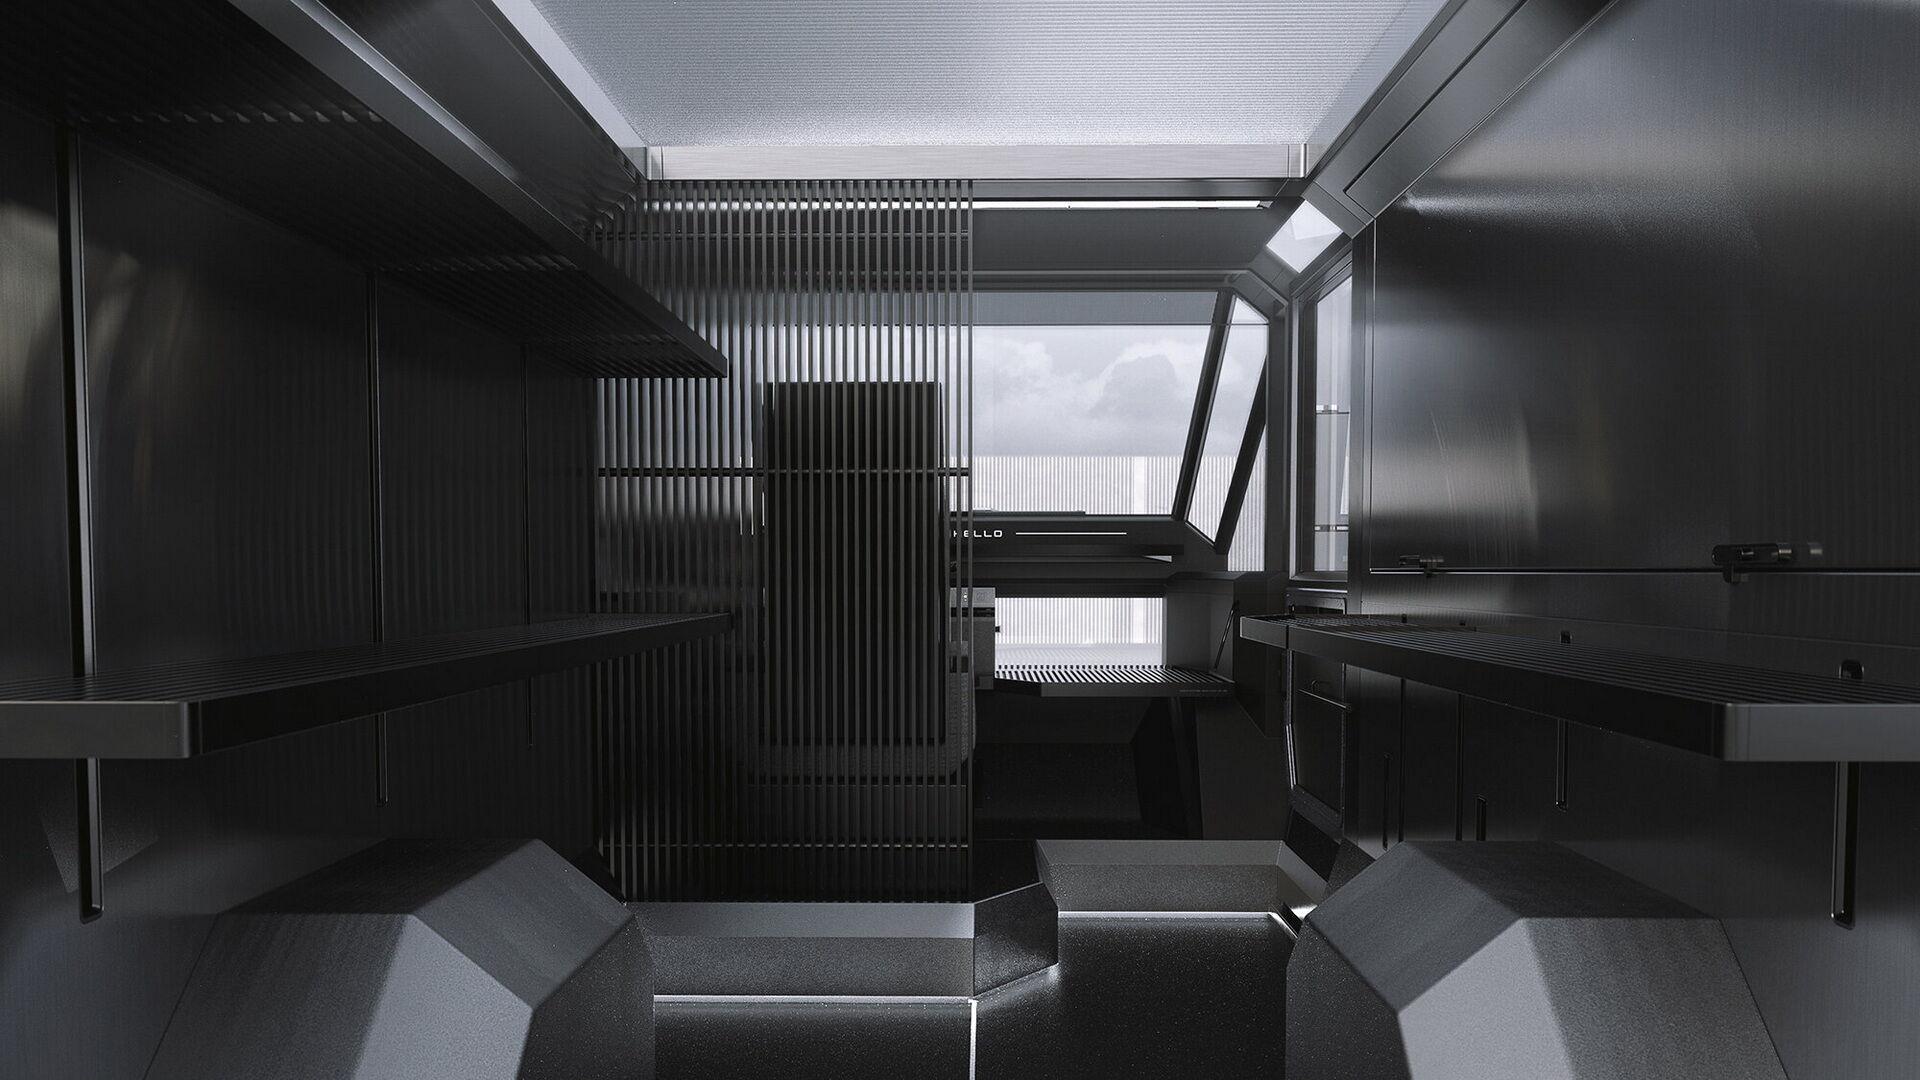 Електрична архітектура дозволяє зробити вантажний простір приблизно на 30% більше від аналогів із ДВЗ